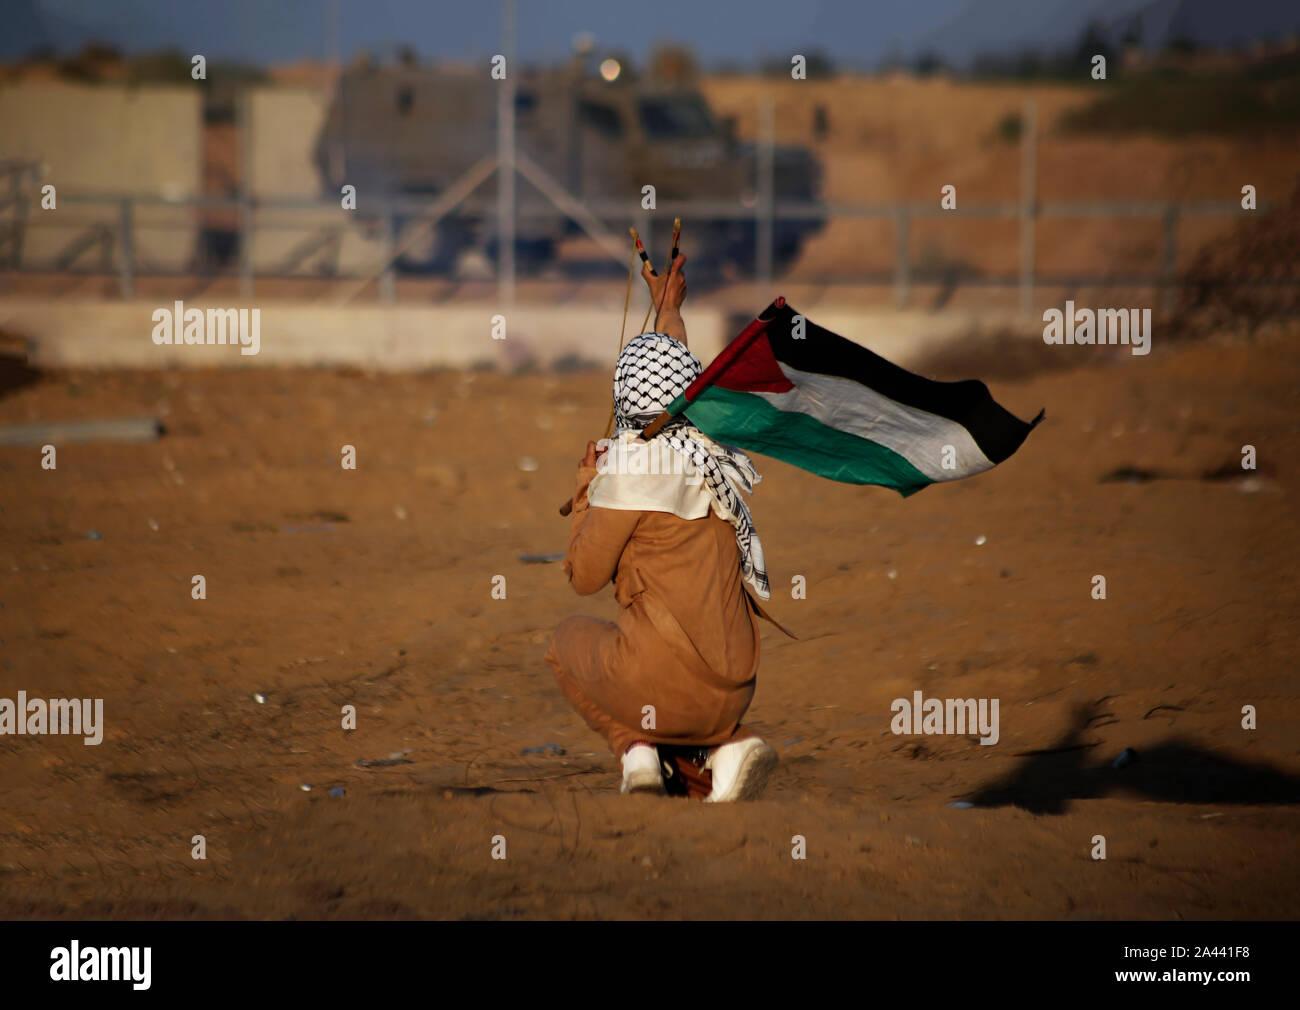 Un manifestante palestino utiliza un tirachinas a arrojar piedras durante una manifestación anti-Israel para poner fin a los años de asedio en la frontera Israel-Gaza en el sur de Gaza. Foto de stock